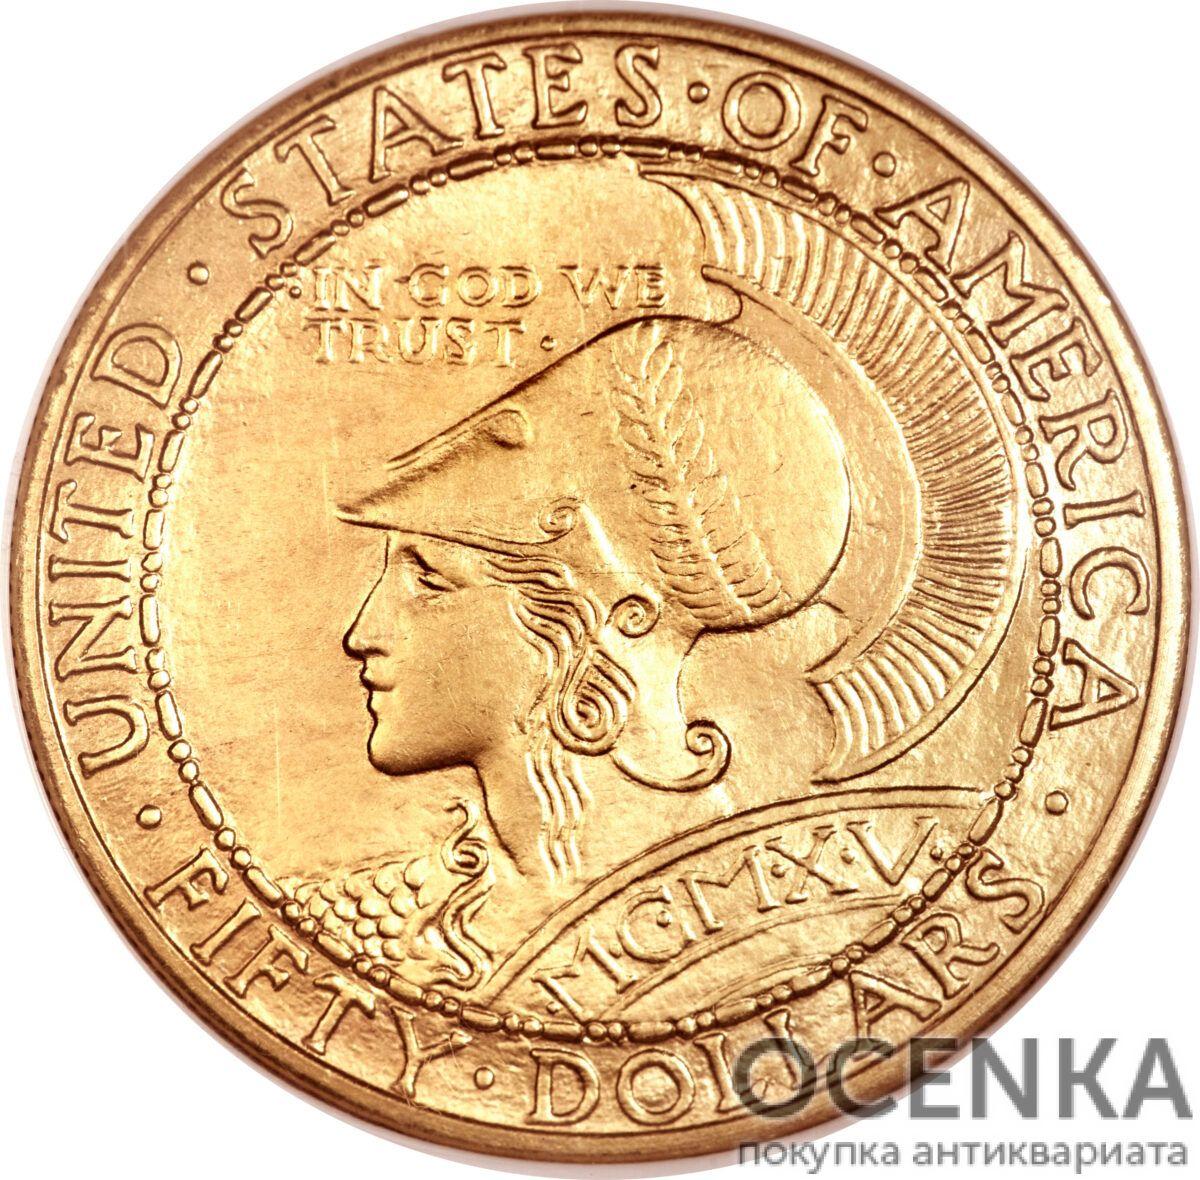 Золотая монета 50 Dollars (50 долларов) США - 1